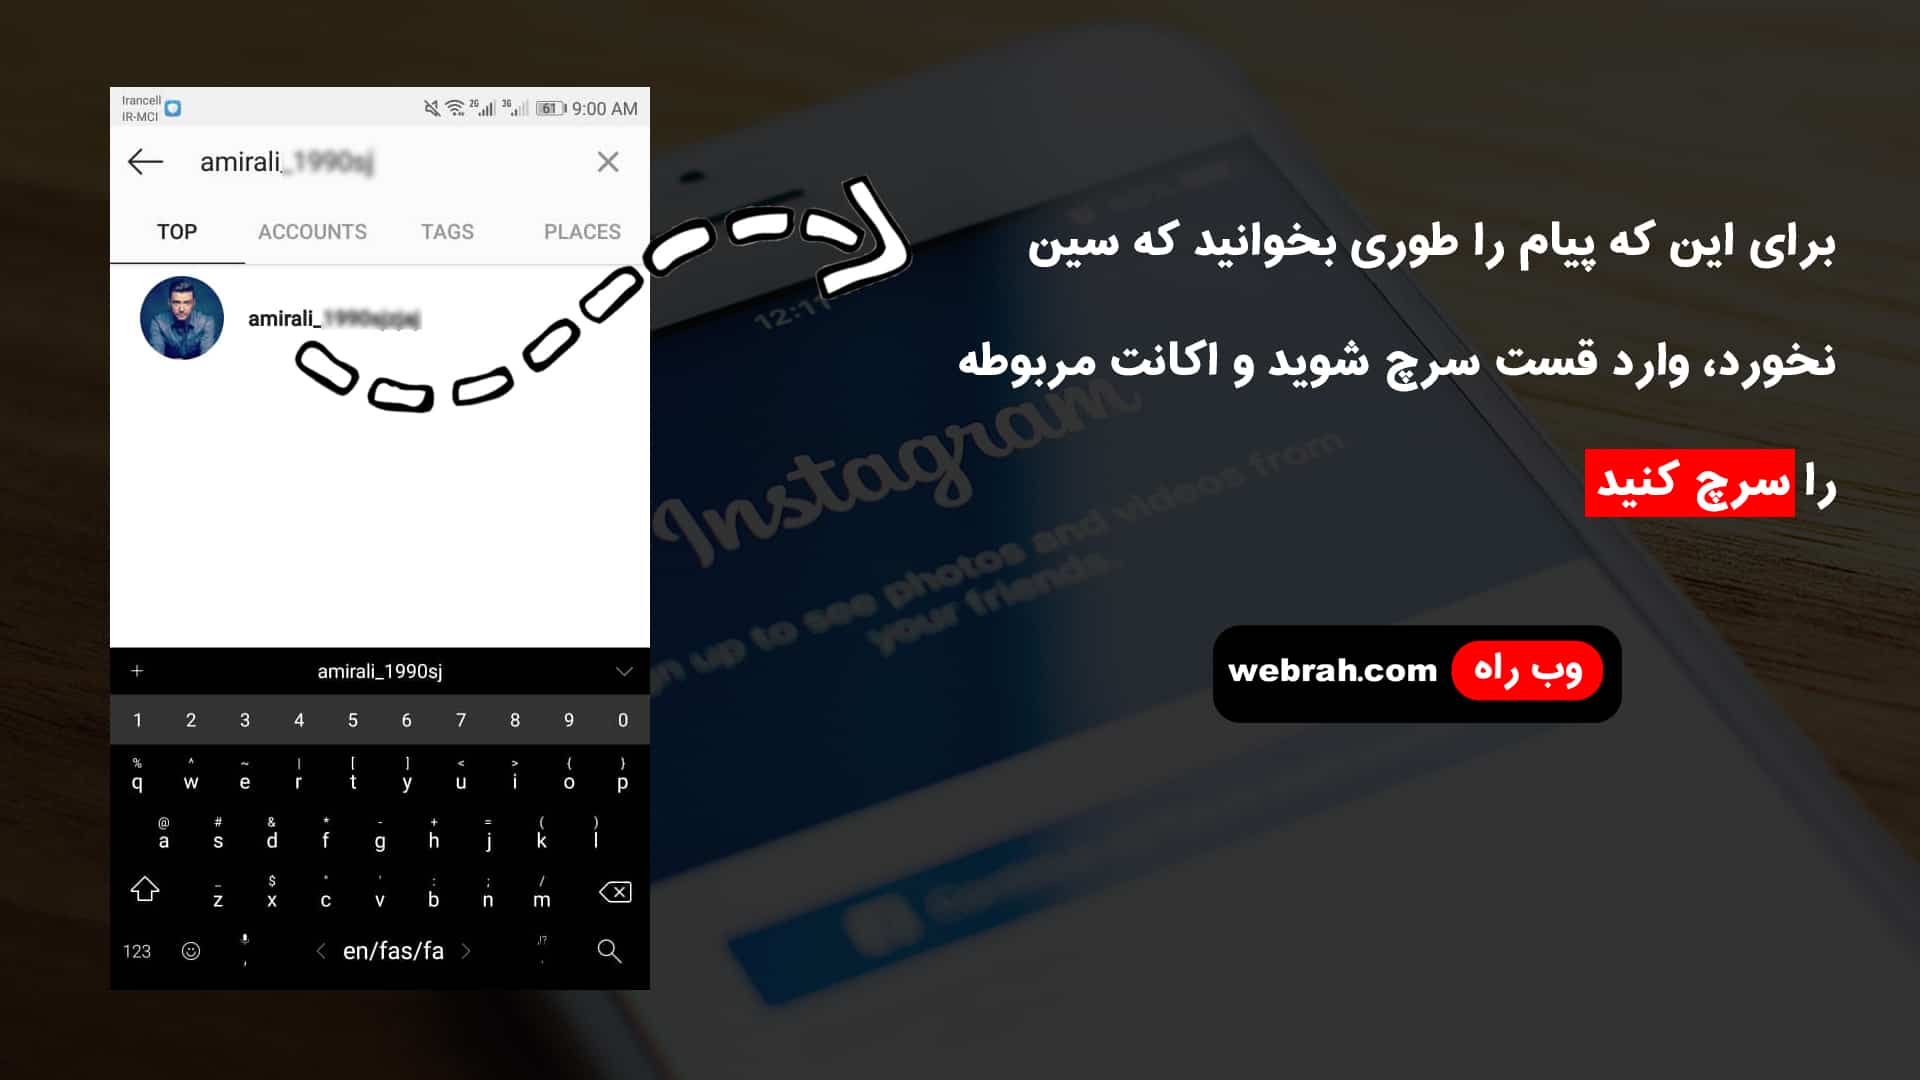 استفاده-از-قابلیت-restrict-برای-خواندن-پیام-در-دایرکت-بدون-سین-خوردن-در-اینستاگرام-2